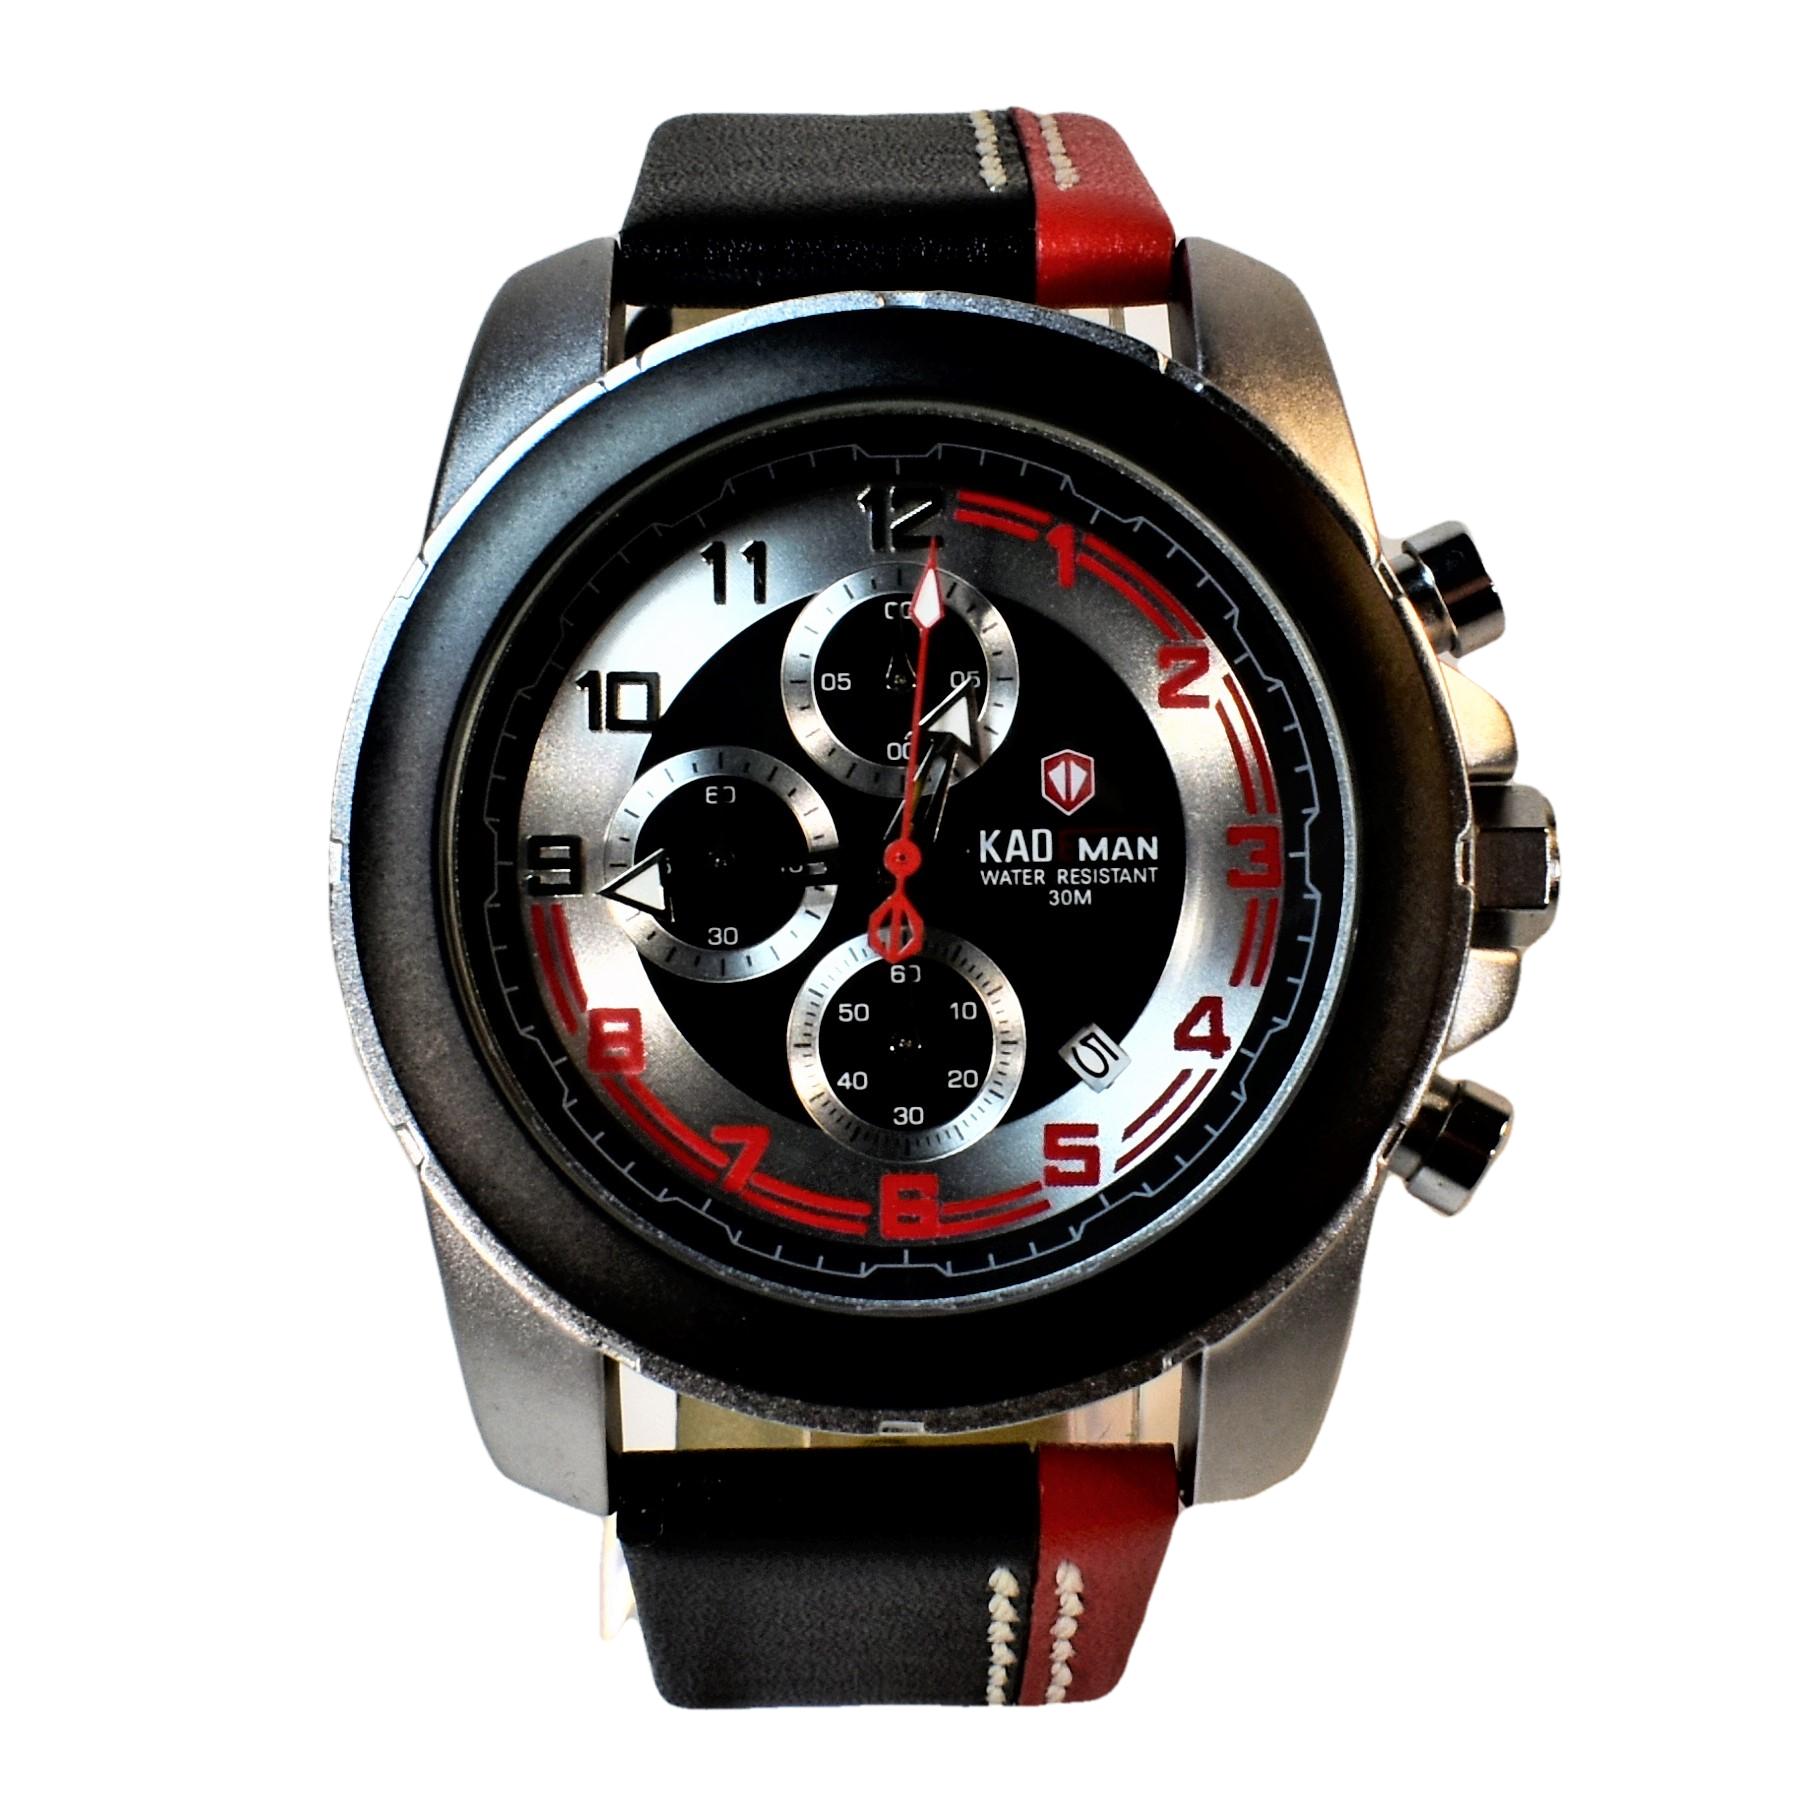 ساعت مچی عقربهای مردانه کیدمن مدل 856